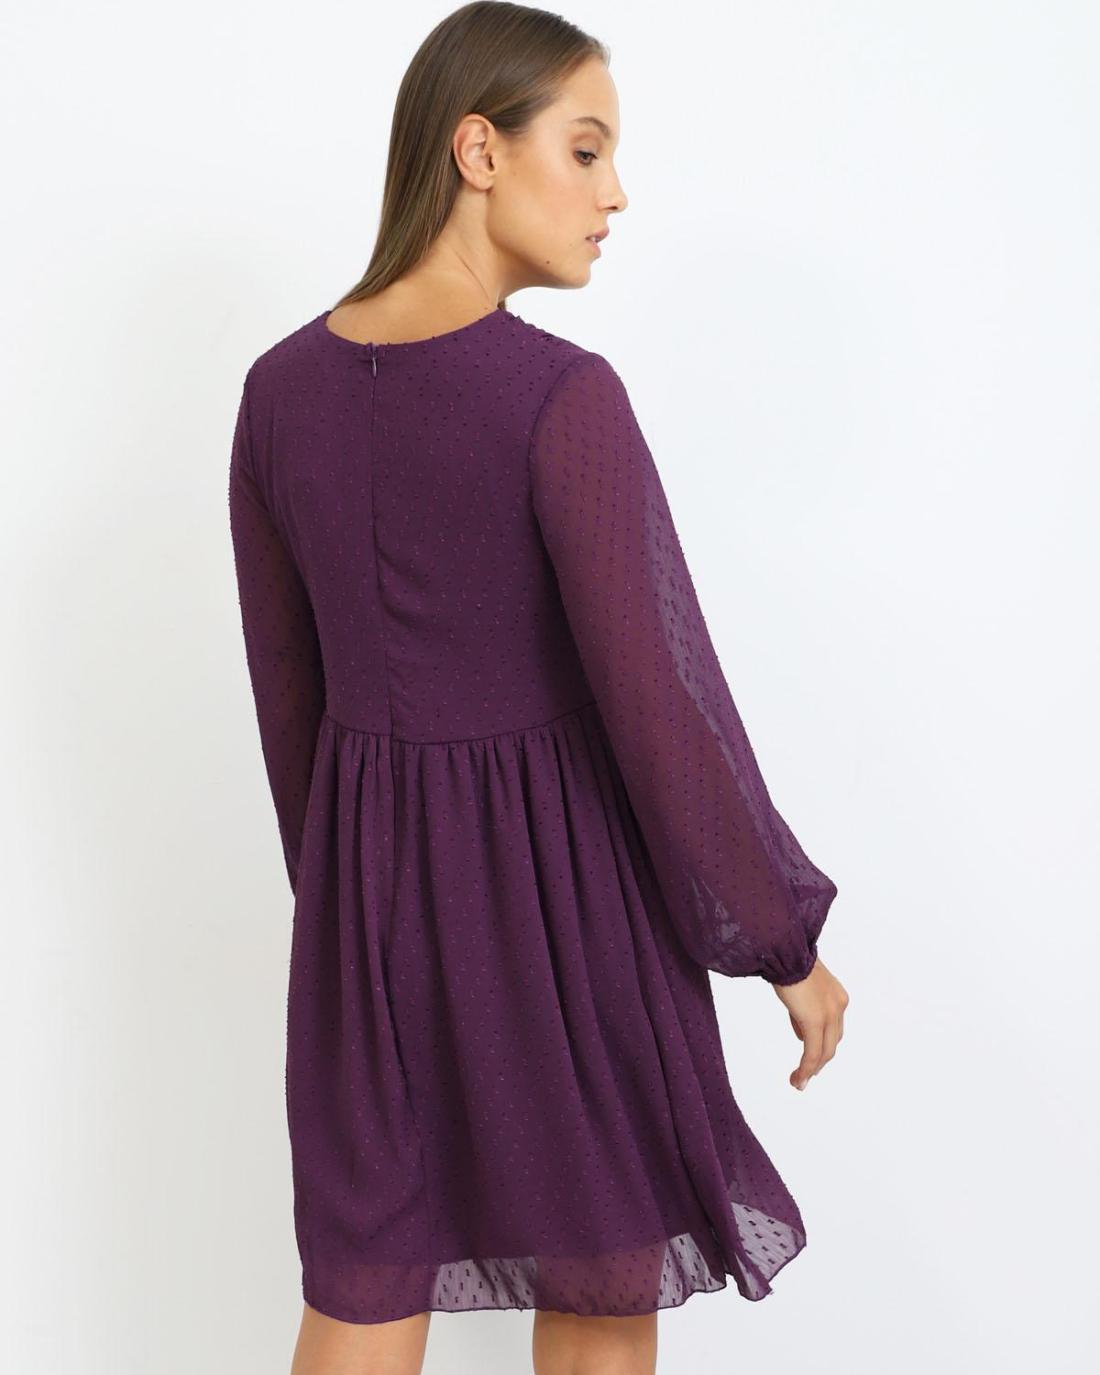 Φόρεμα μωβ